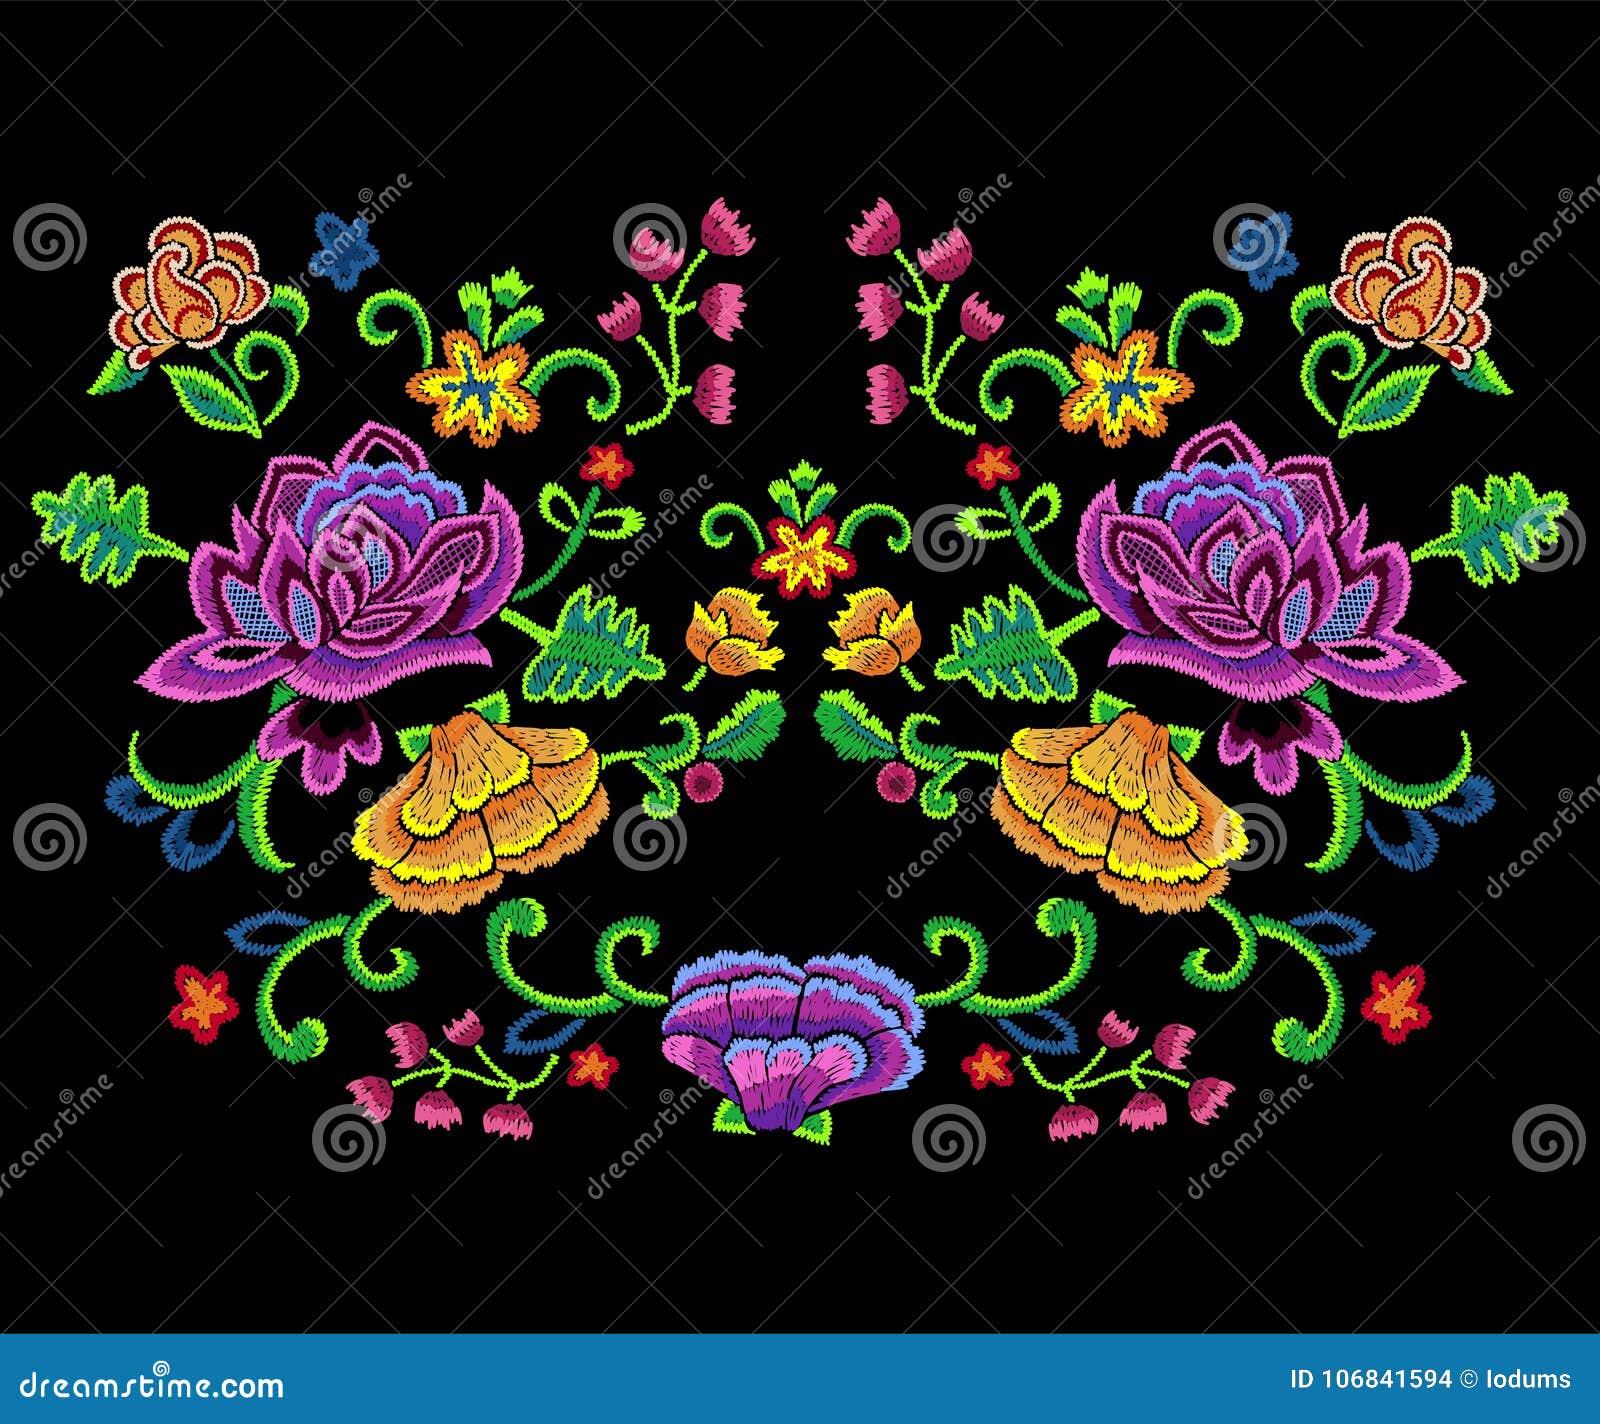 Patroon van de borduurwerk vereenvoudigt het botanische tendens met kleurrijk bloemen